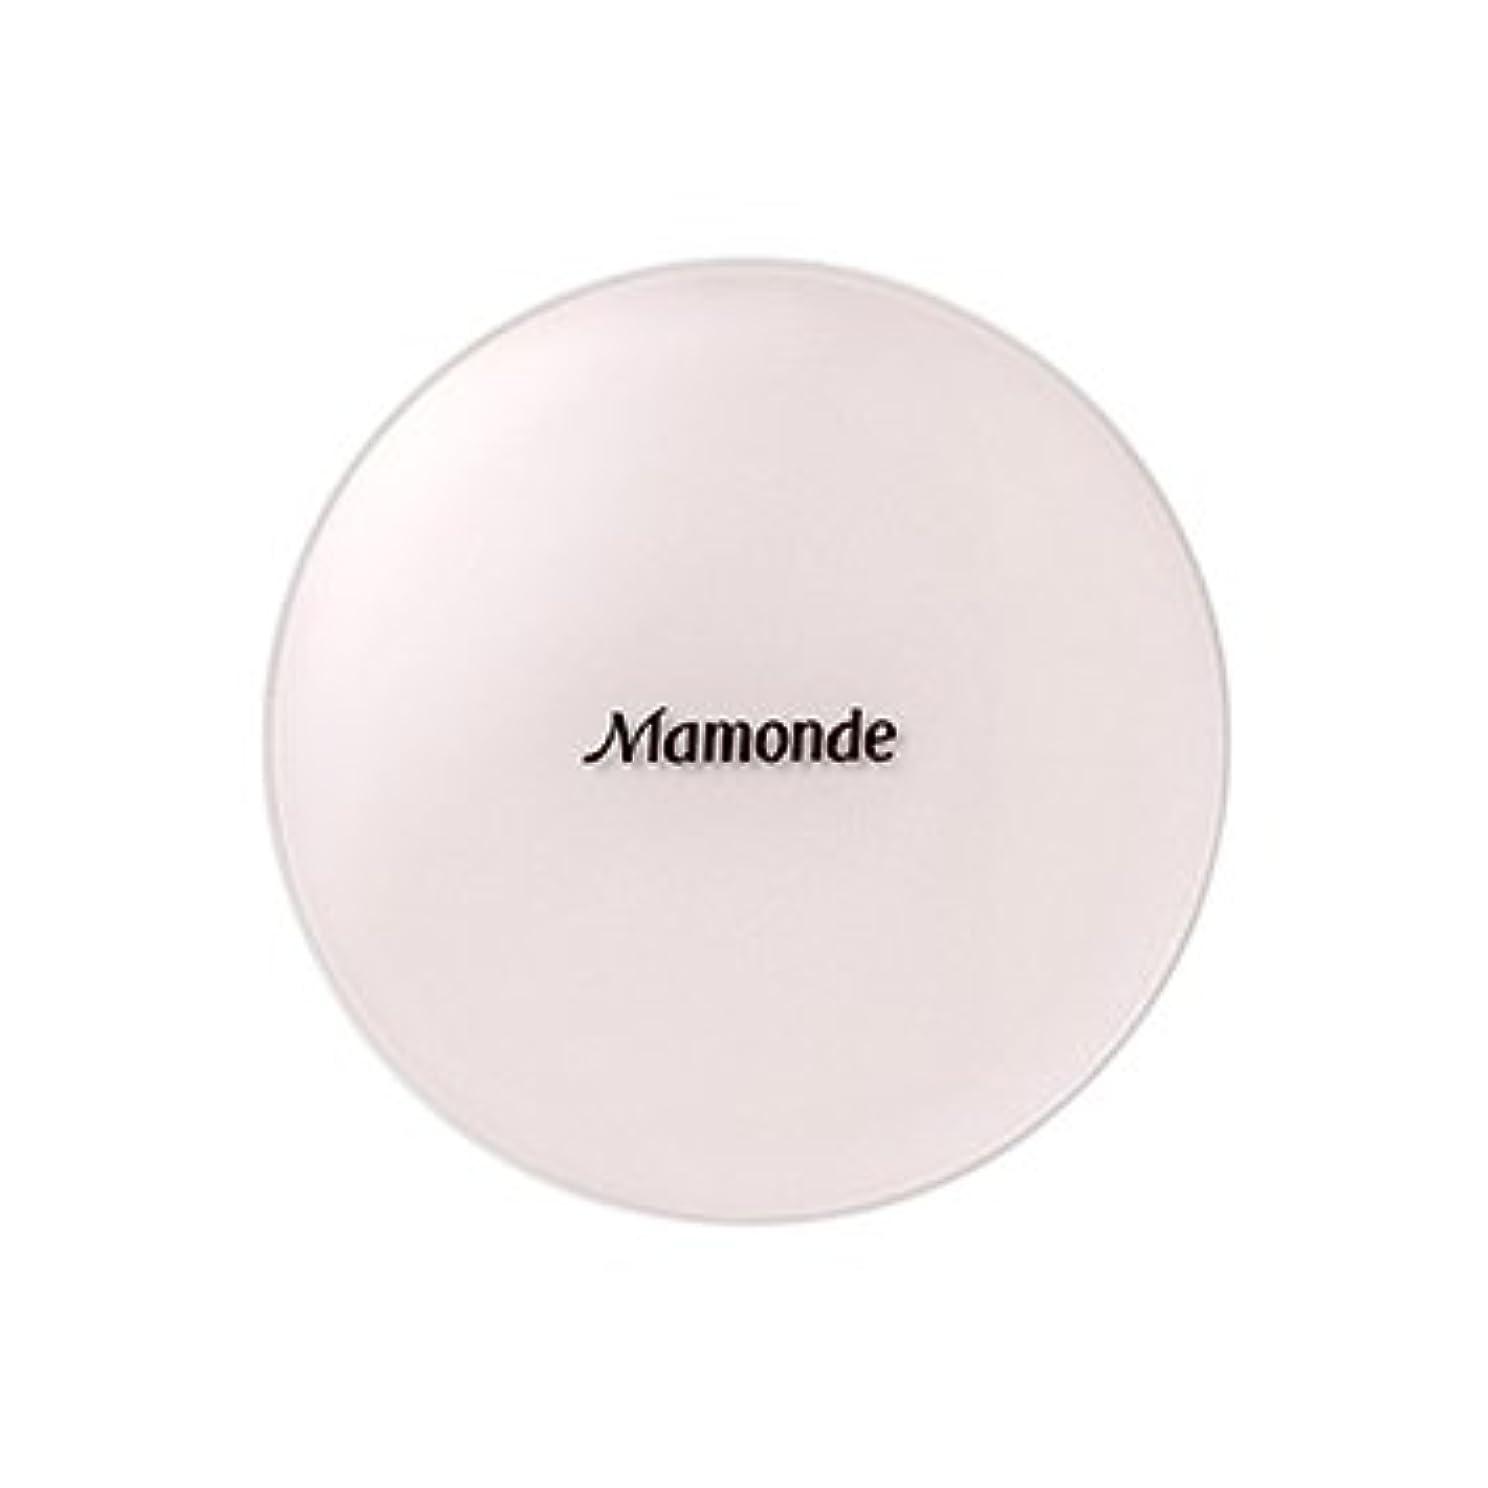 八百屋所属コークス[New] Mamonde Brightening Cover Ampoule Cushion 15g/マモンド ブライトニング カバー アンプル クッション 15g (#17 Light Peach) [並行輸入品]